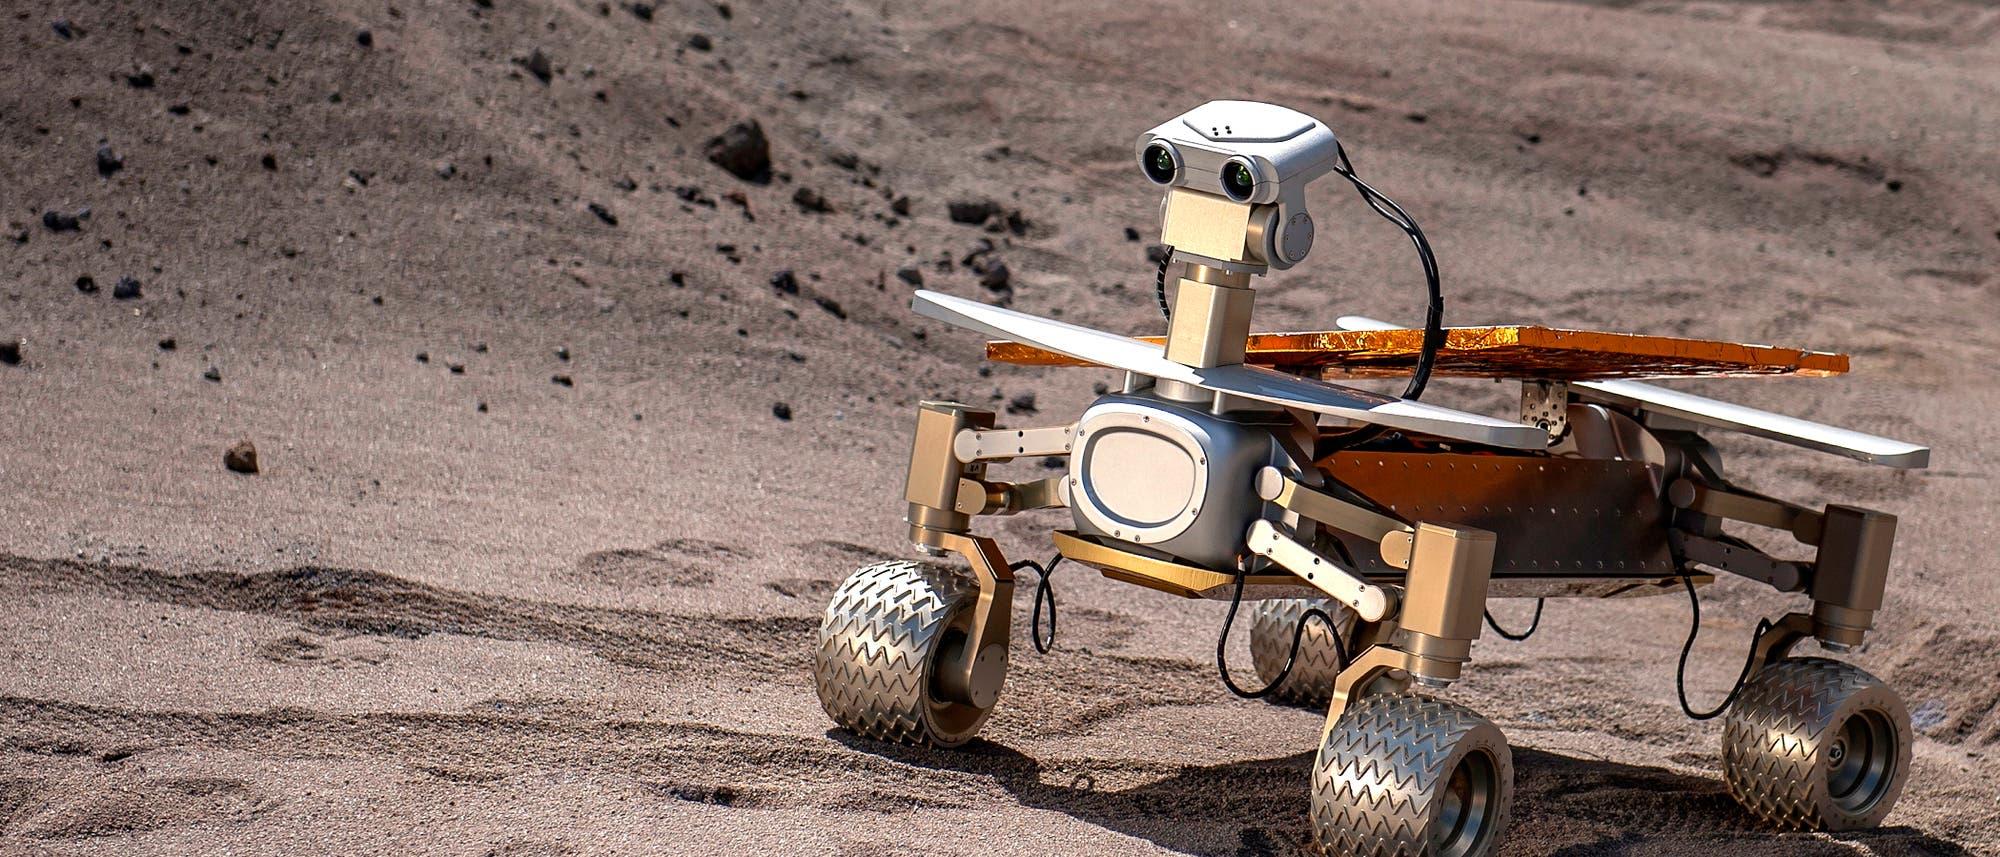 Rover Asimov